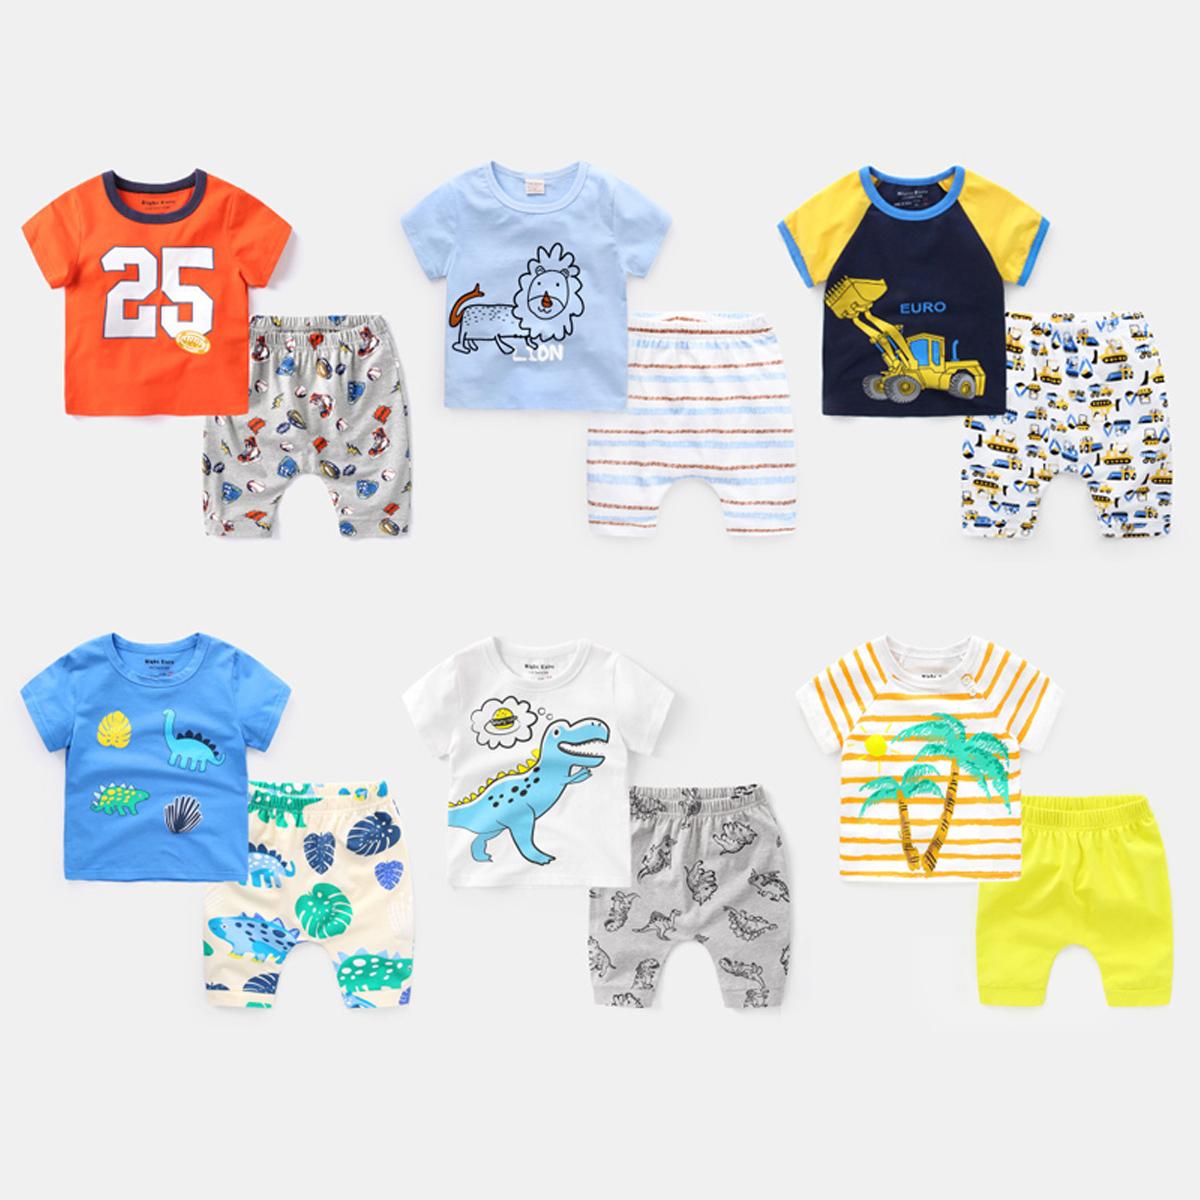 11月04日最新优惠儿童短袖套装2019新款夏装夏季童装宝宝男童1岁3小童婴儿上衣薄款